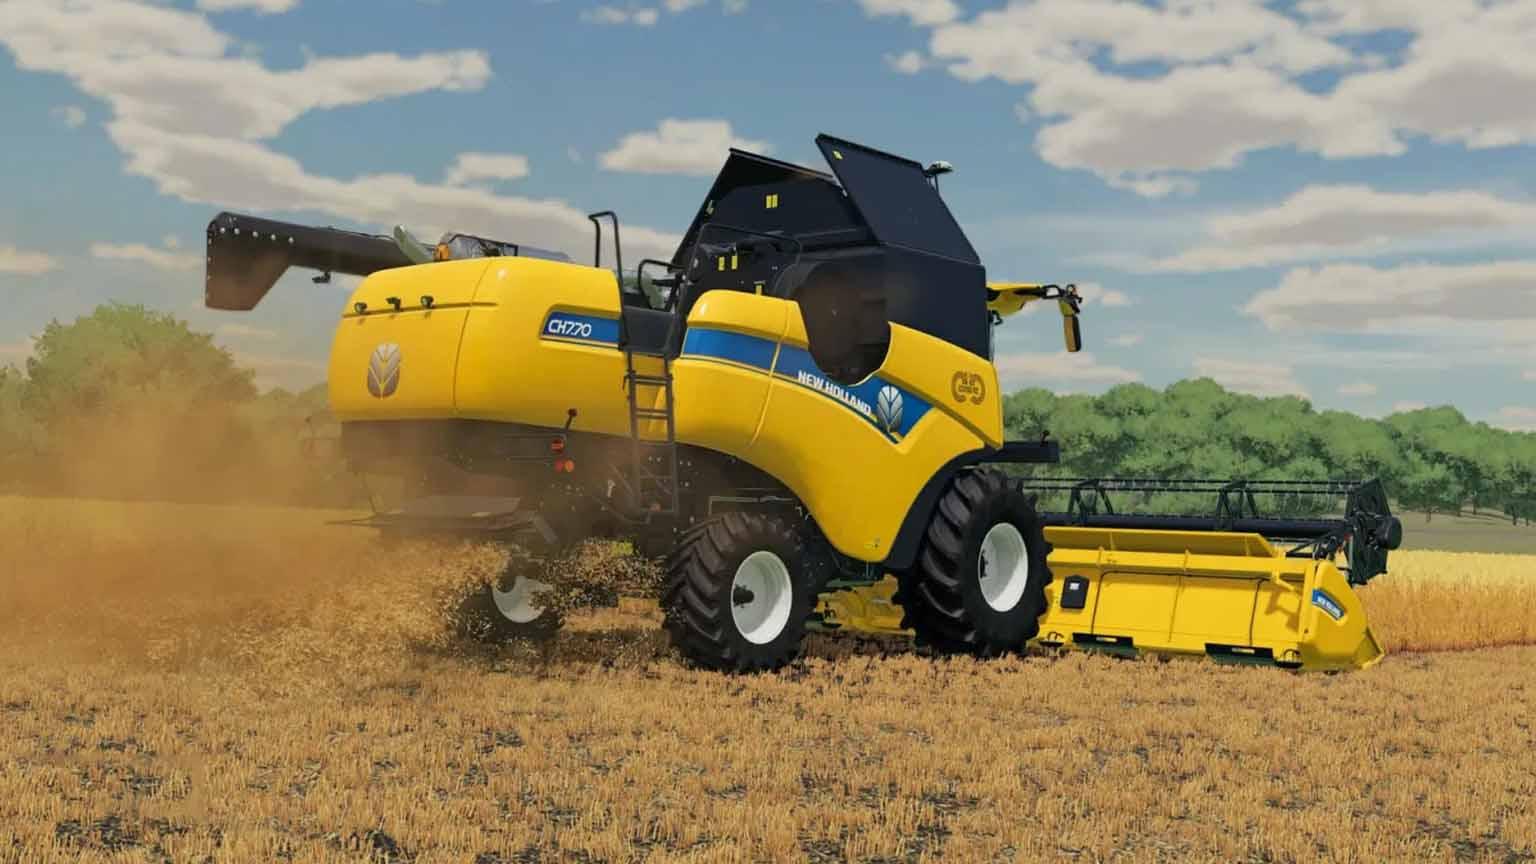 Se presenta Farming Simulator 22 confirmando su llegada a PC y consolas este año 7